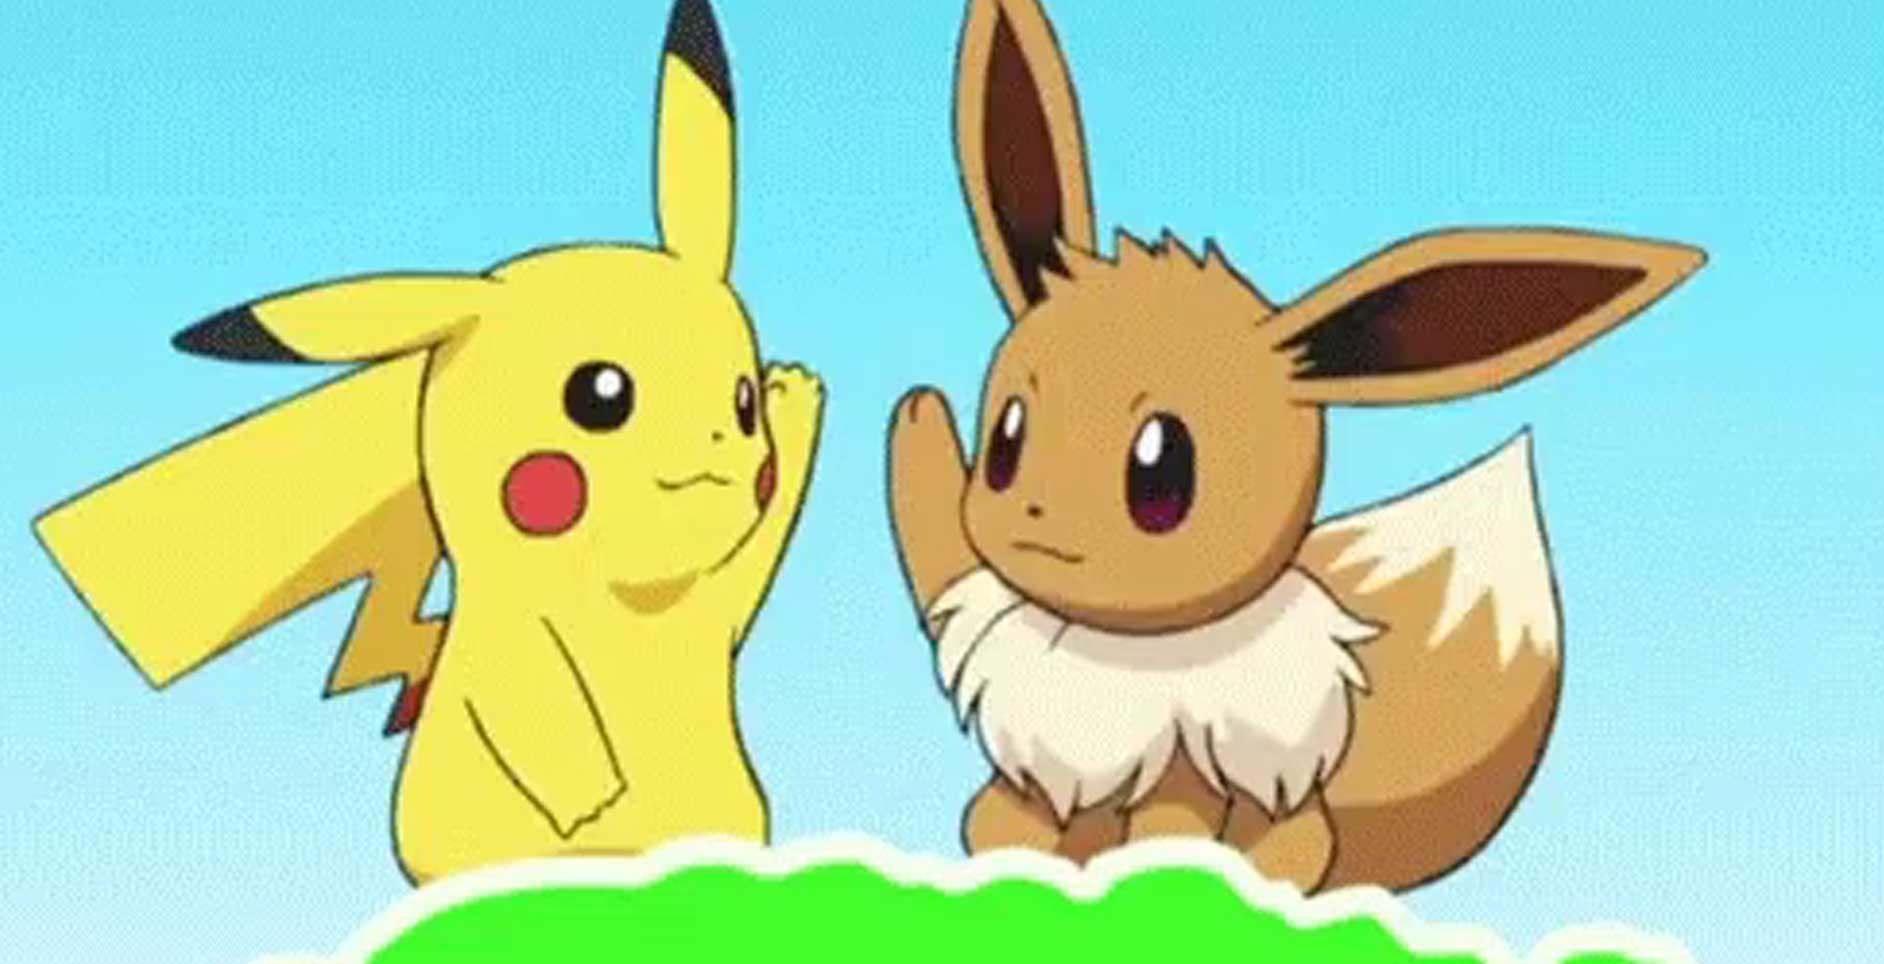 Tradicionalna Pokémon igra dogodine